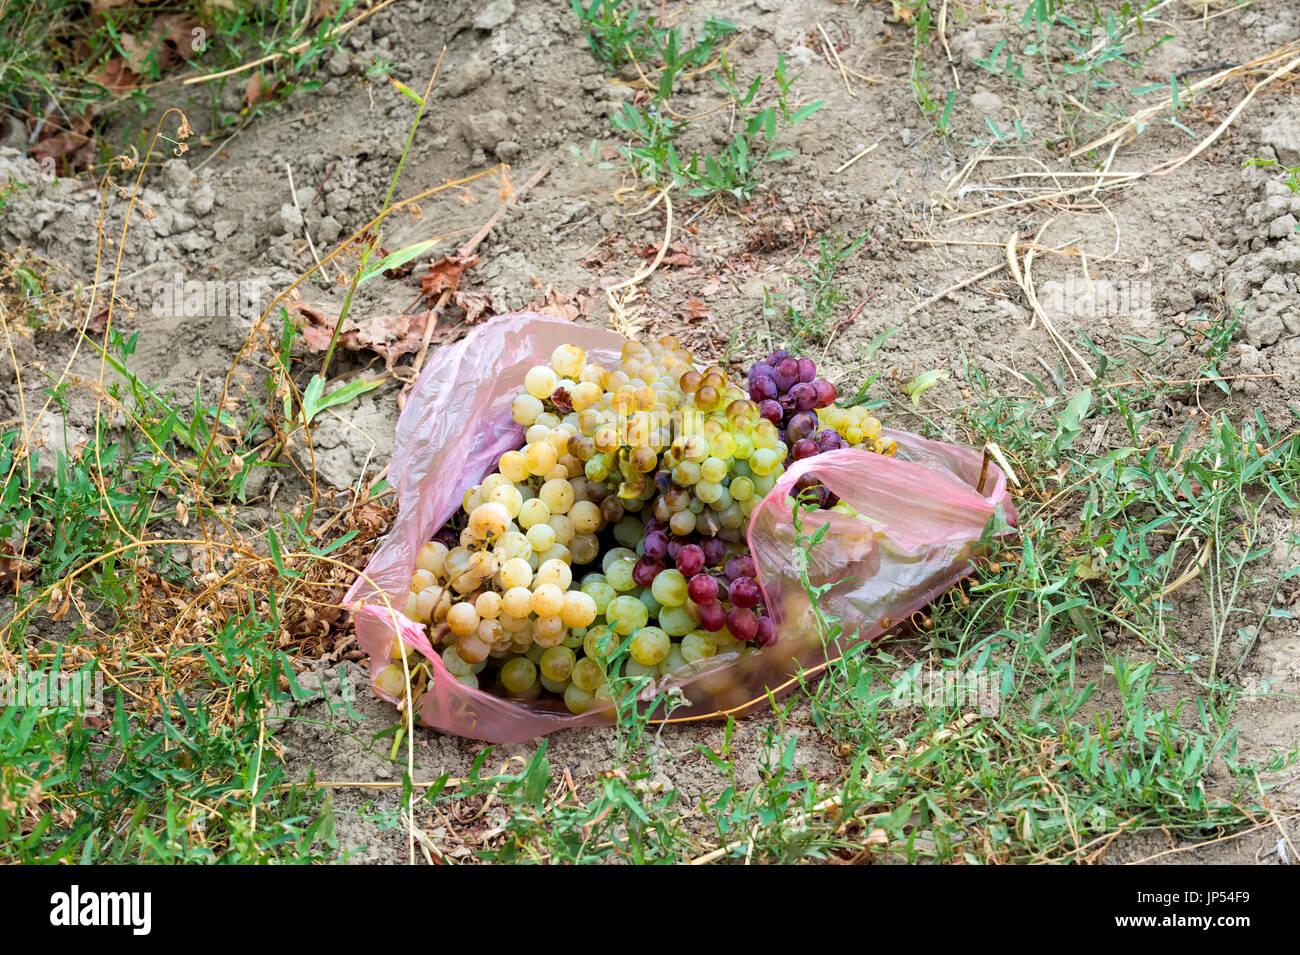 Grappolo di uva avvolto in un sacco di plastica sul terreno, Ararat provincia, Armenia Immagini Stock